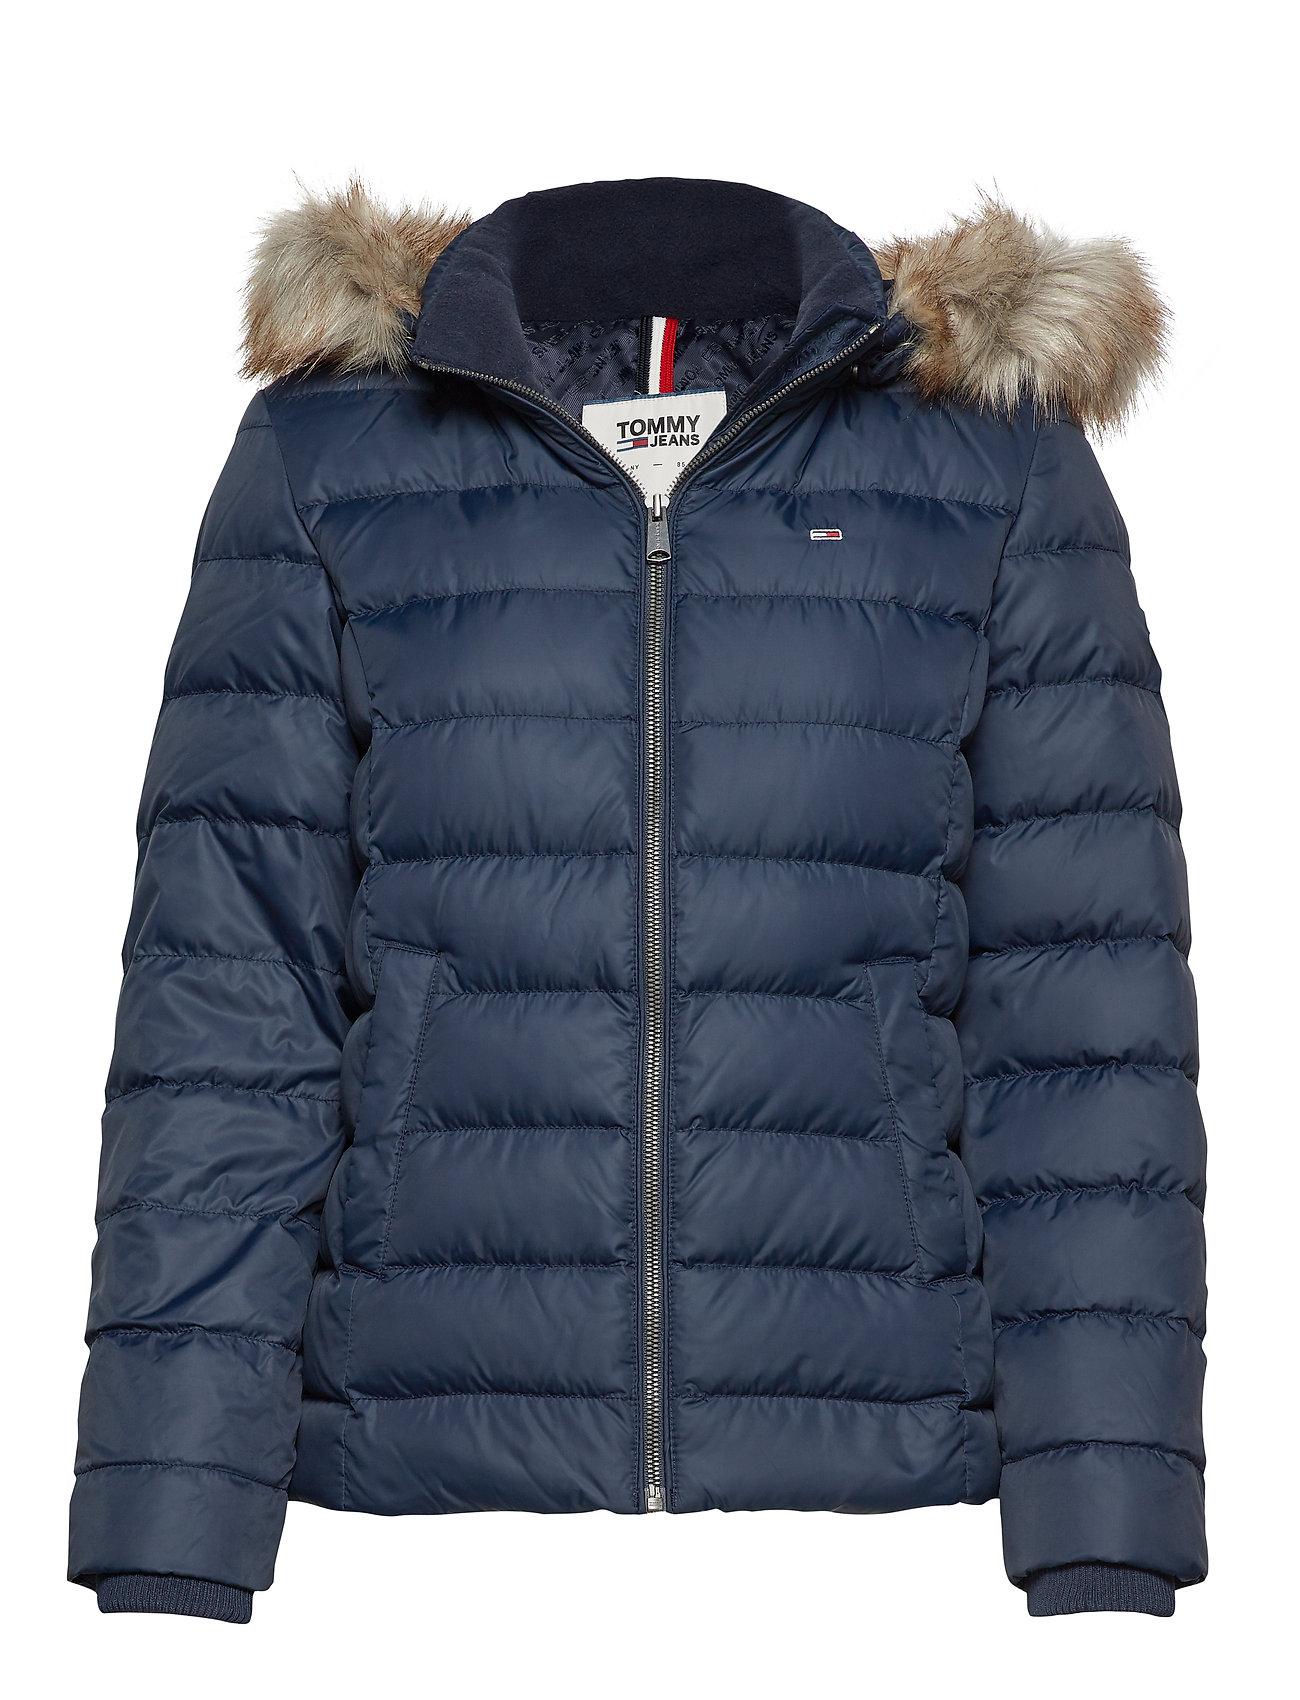 Essential Tjw Hoodedblack Jeans IrisTommy IrisTommy Essential Hoodedblack Tjw 7fY6yIbvg